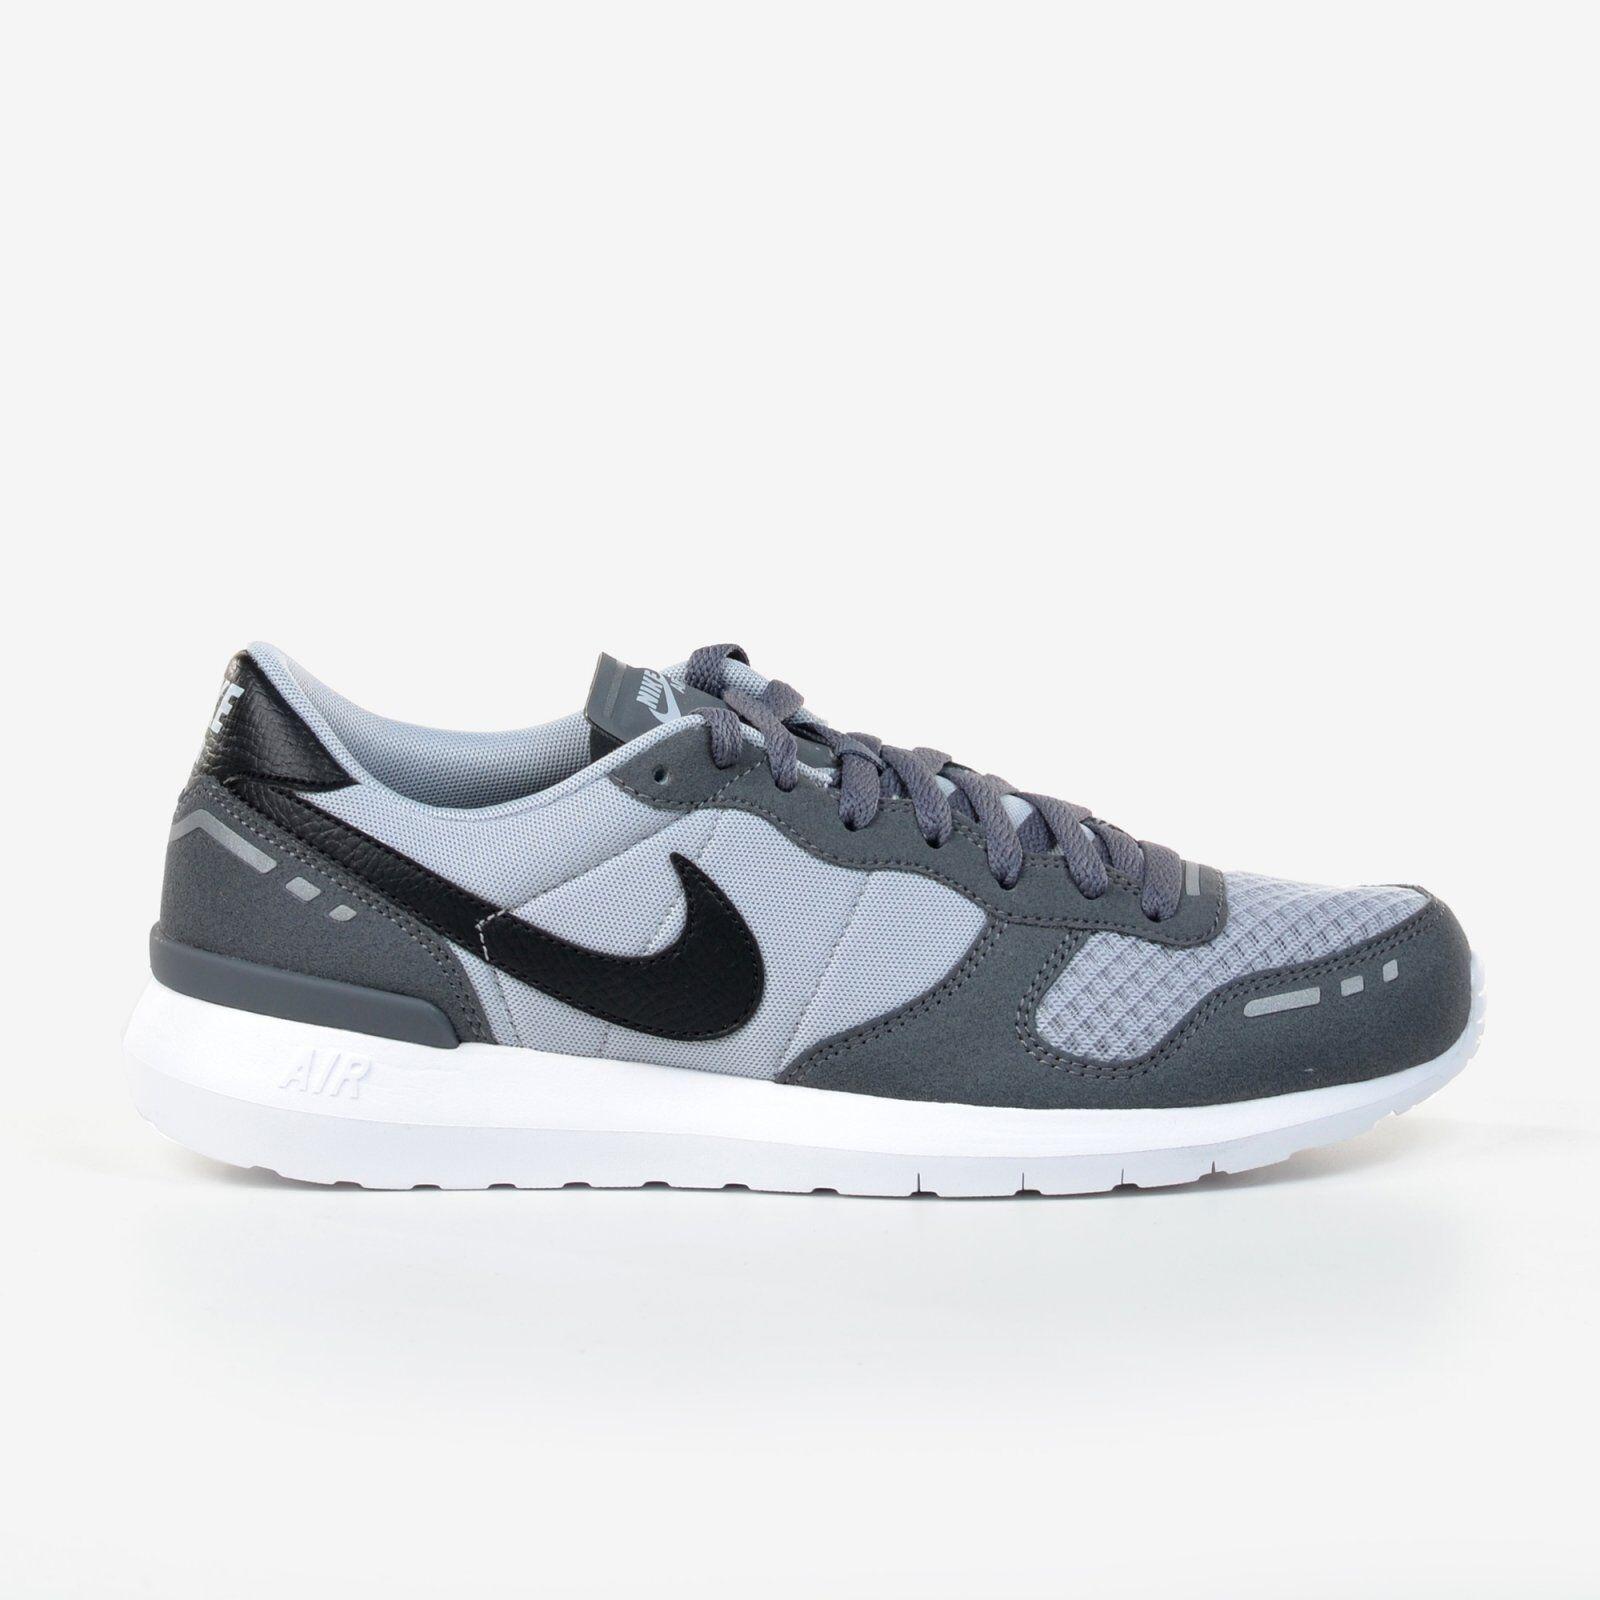 Nike Air Vrtx '17 Vortex Wolf Grey Black 2018 Men's Running Shoes DS 876135-002